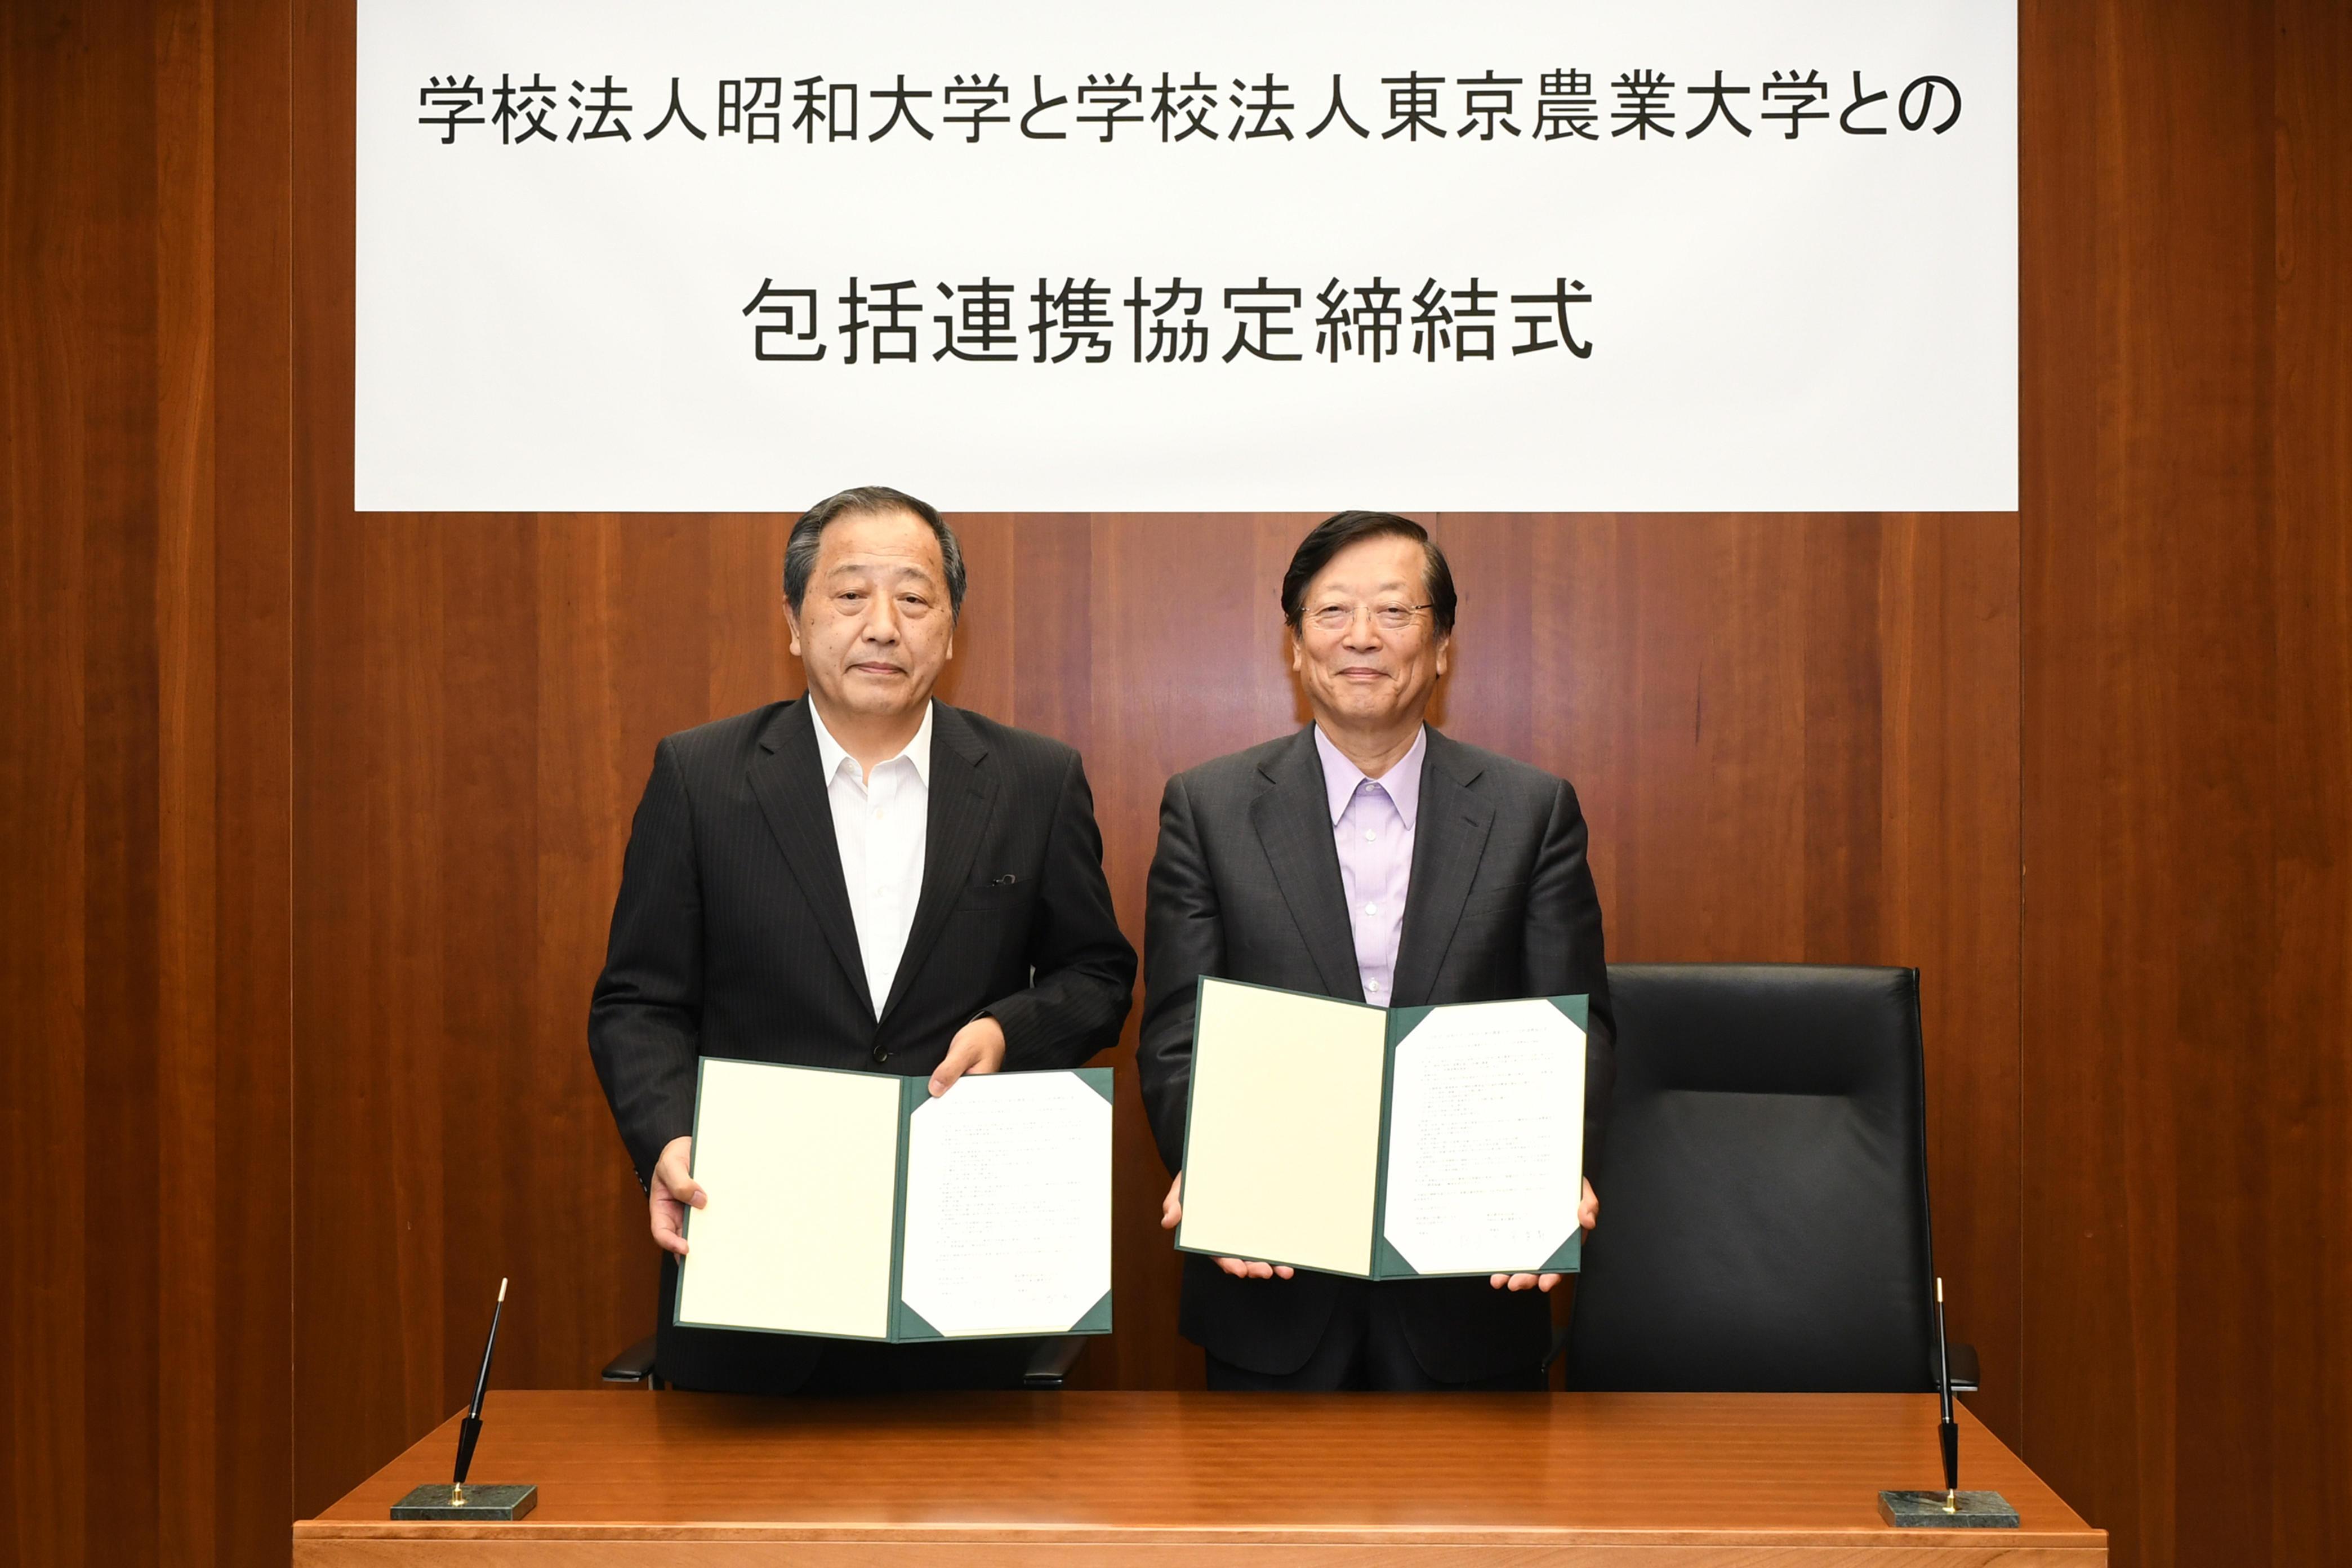 学校法人 昭和大学が学校法人 東京農業大学と包括連携協定を締結 -- 医療・農業・バイオ技術等の分野における充実及び発展を図るとともに医農連携を推進